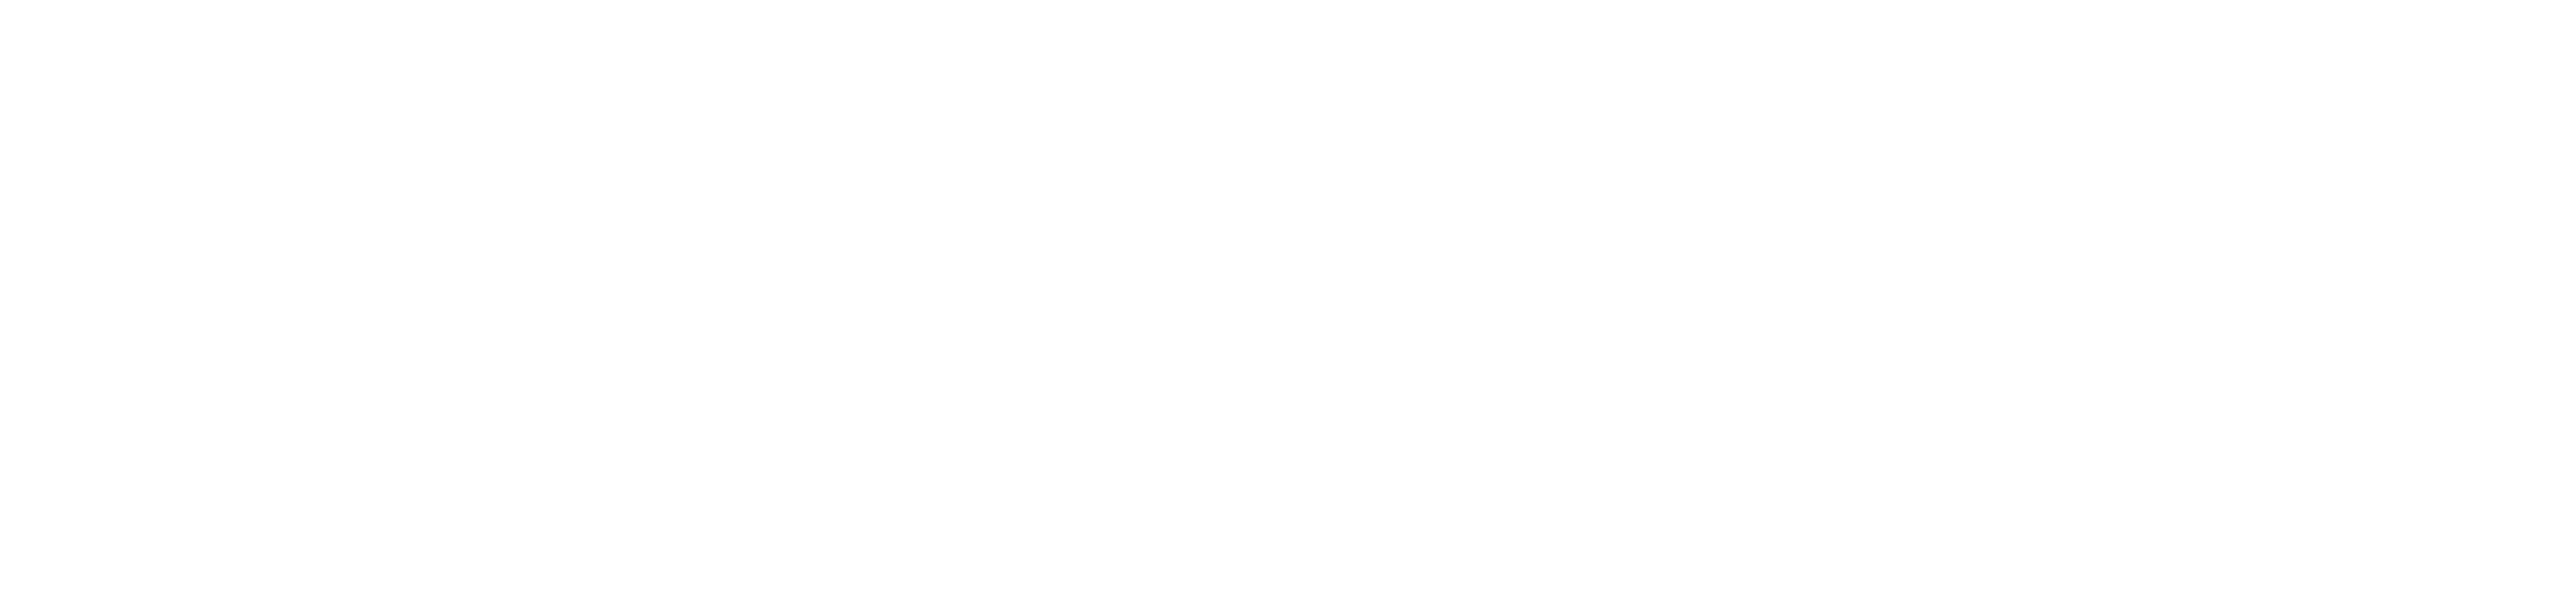 BrandVillage